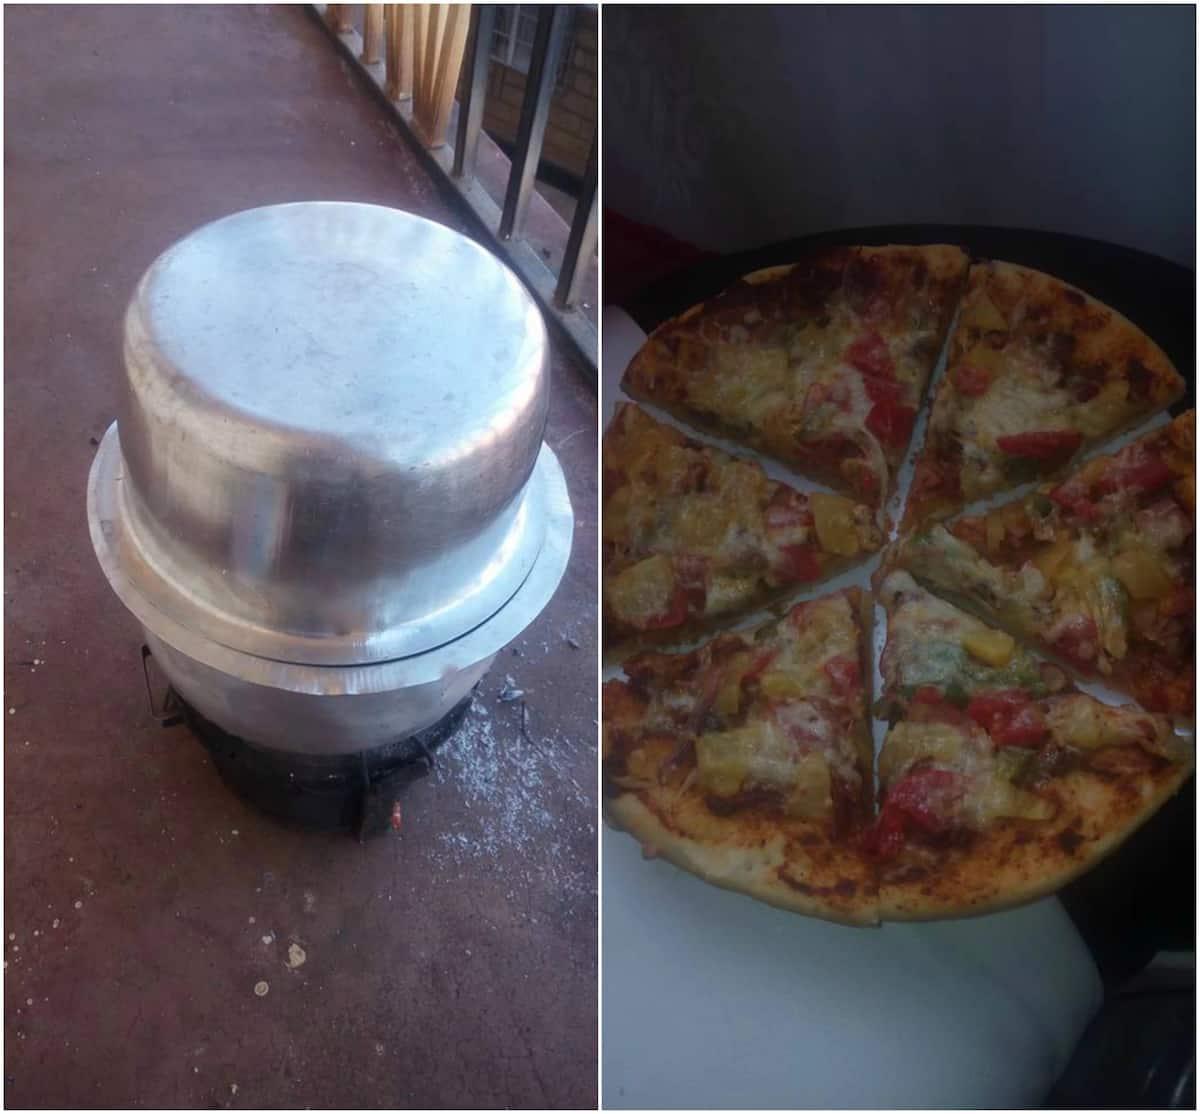 Pata mbinu nzuri ya kujipikia pizza nyumbani, utaipenda